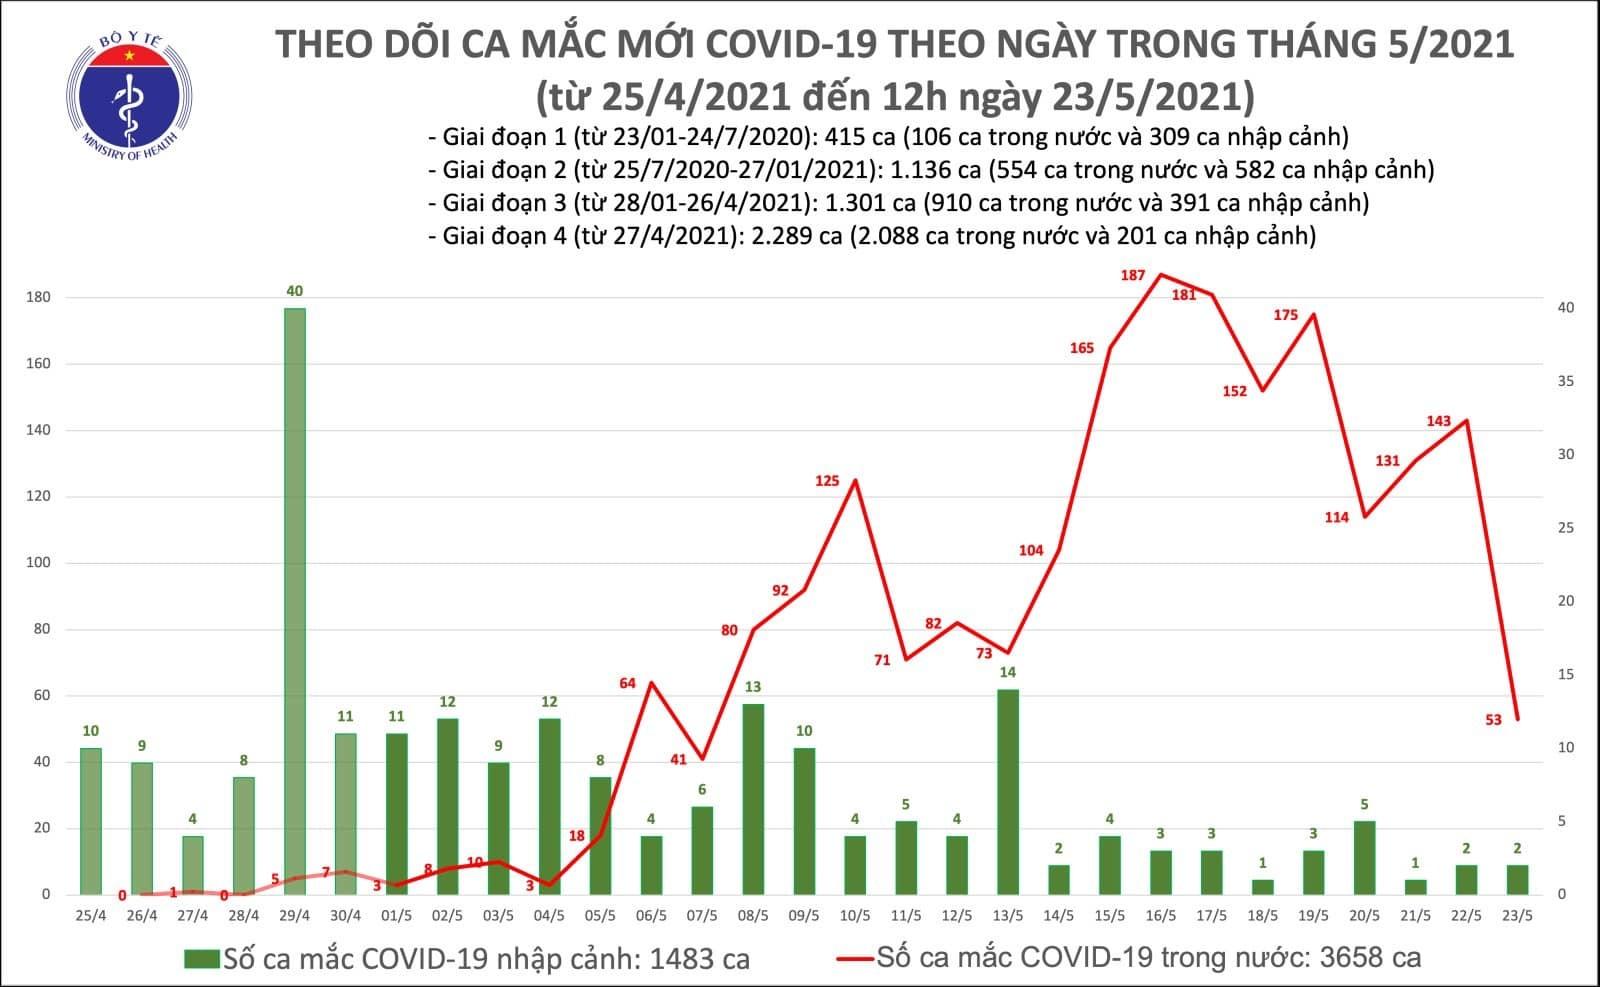 Bản tin trưa 23/5, thêm 22 ca Covid-19 trong nước, Bắc Giang có số ca nhiều nhất